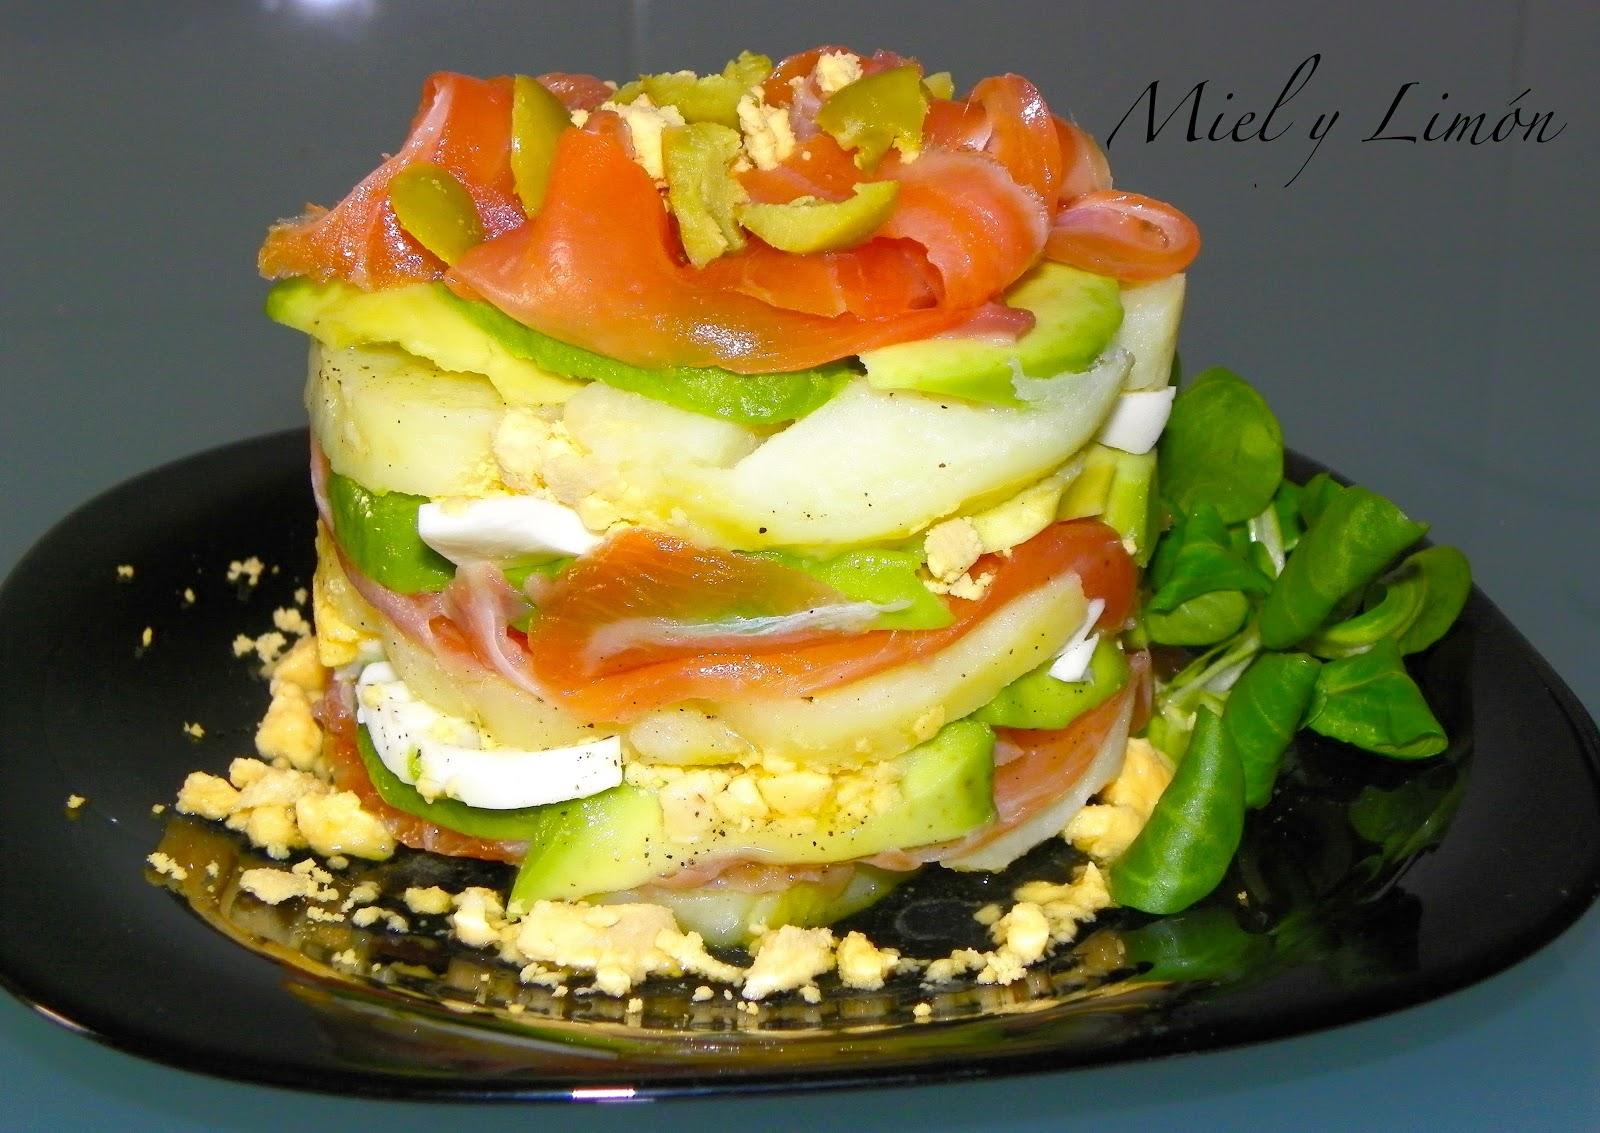 Milhojas de salm n aguacate y patata - Ensalada con salmon y aguacate ...